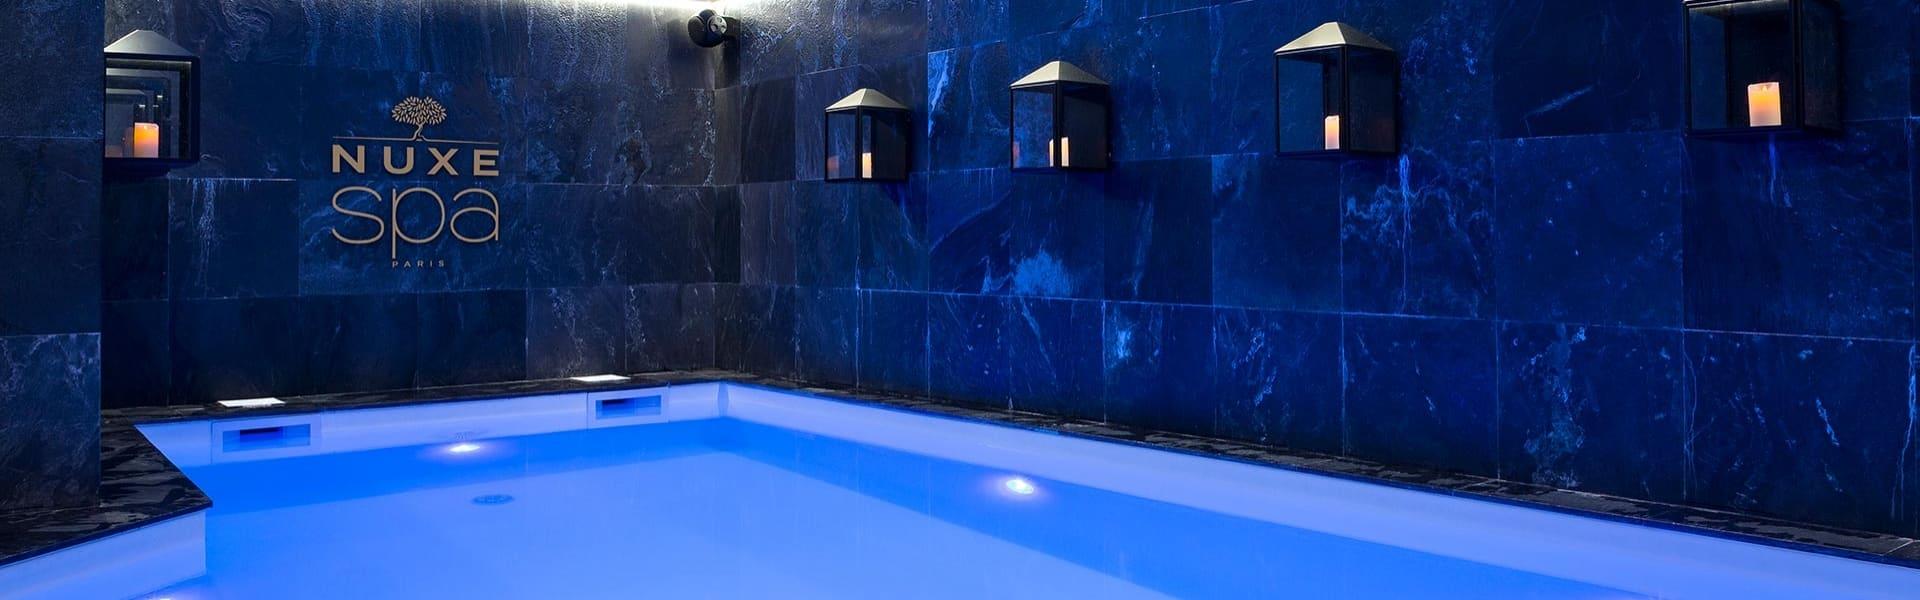 Araucaria Hotel & Spa La Plagne - piscine